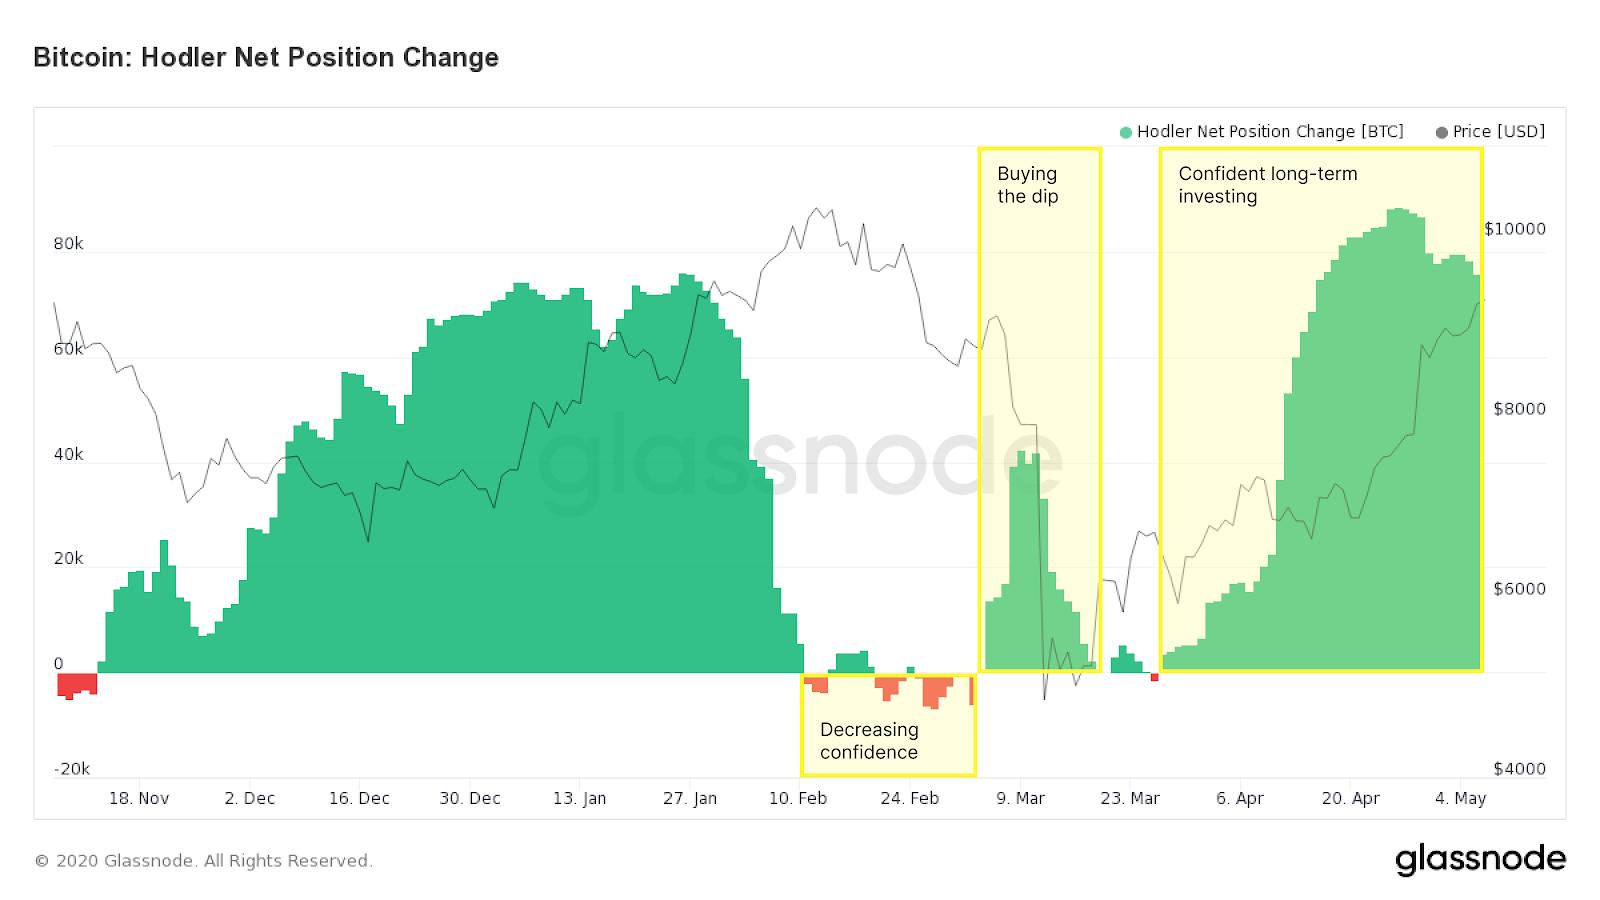 Los hodlers acumularon Bitcoin aún más cuando BTC cayó a 3,600 dólares en marzo. Fuente: Glassnode